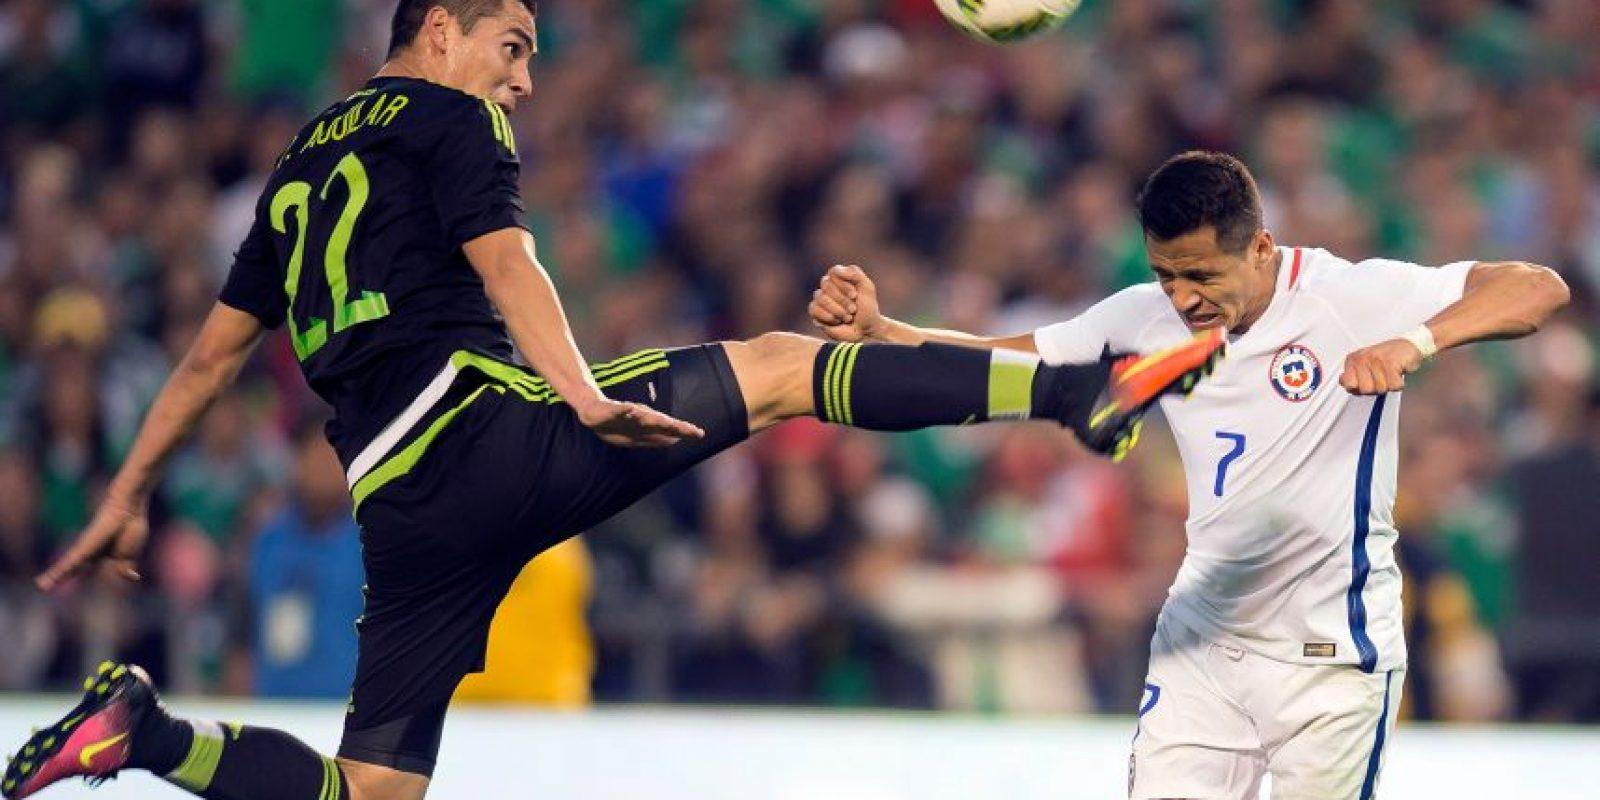 El último encuentro disputado entre México y Chile, fue el 01 de junio del presente año, duelo en el que el conjunto mexicano derrotó a los chilenos por la mínima diferencia con anotación de Javier Hernández. Foto:Mexsport/ Archivo